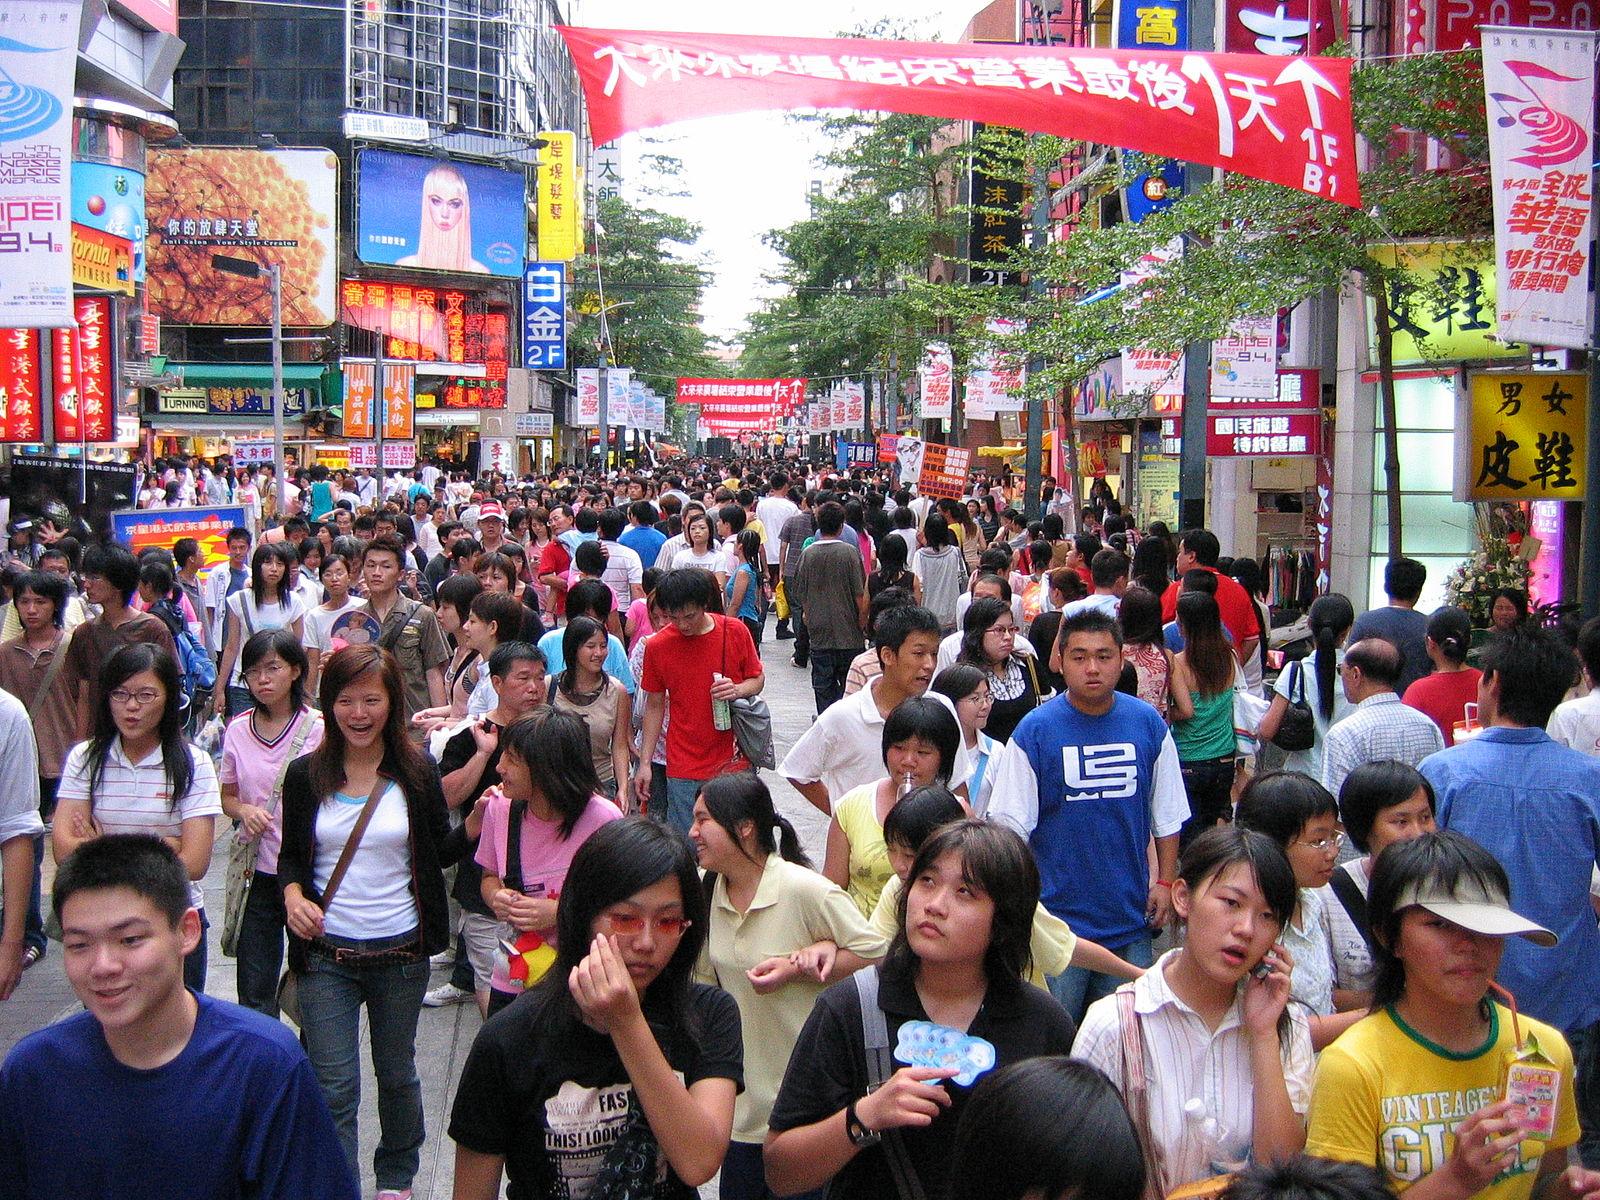 年轻人未来将在群众冲撞台湾既有体制的过程中扮演重要角色。 //图片来源:维基百科,Richy